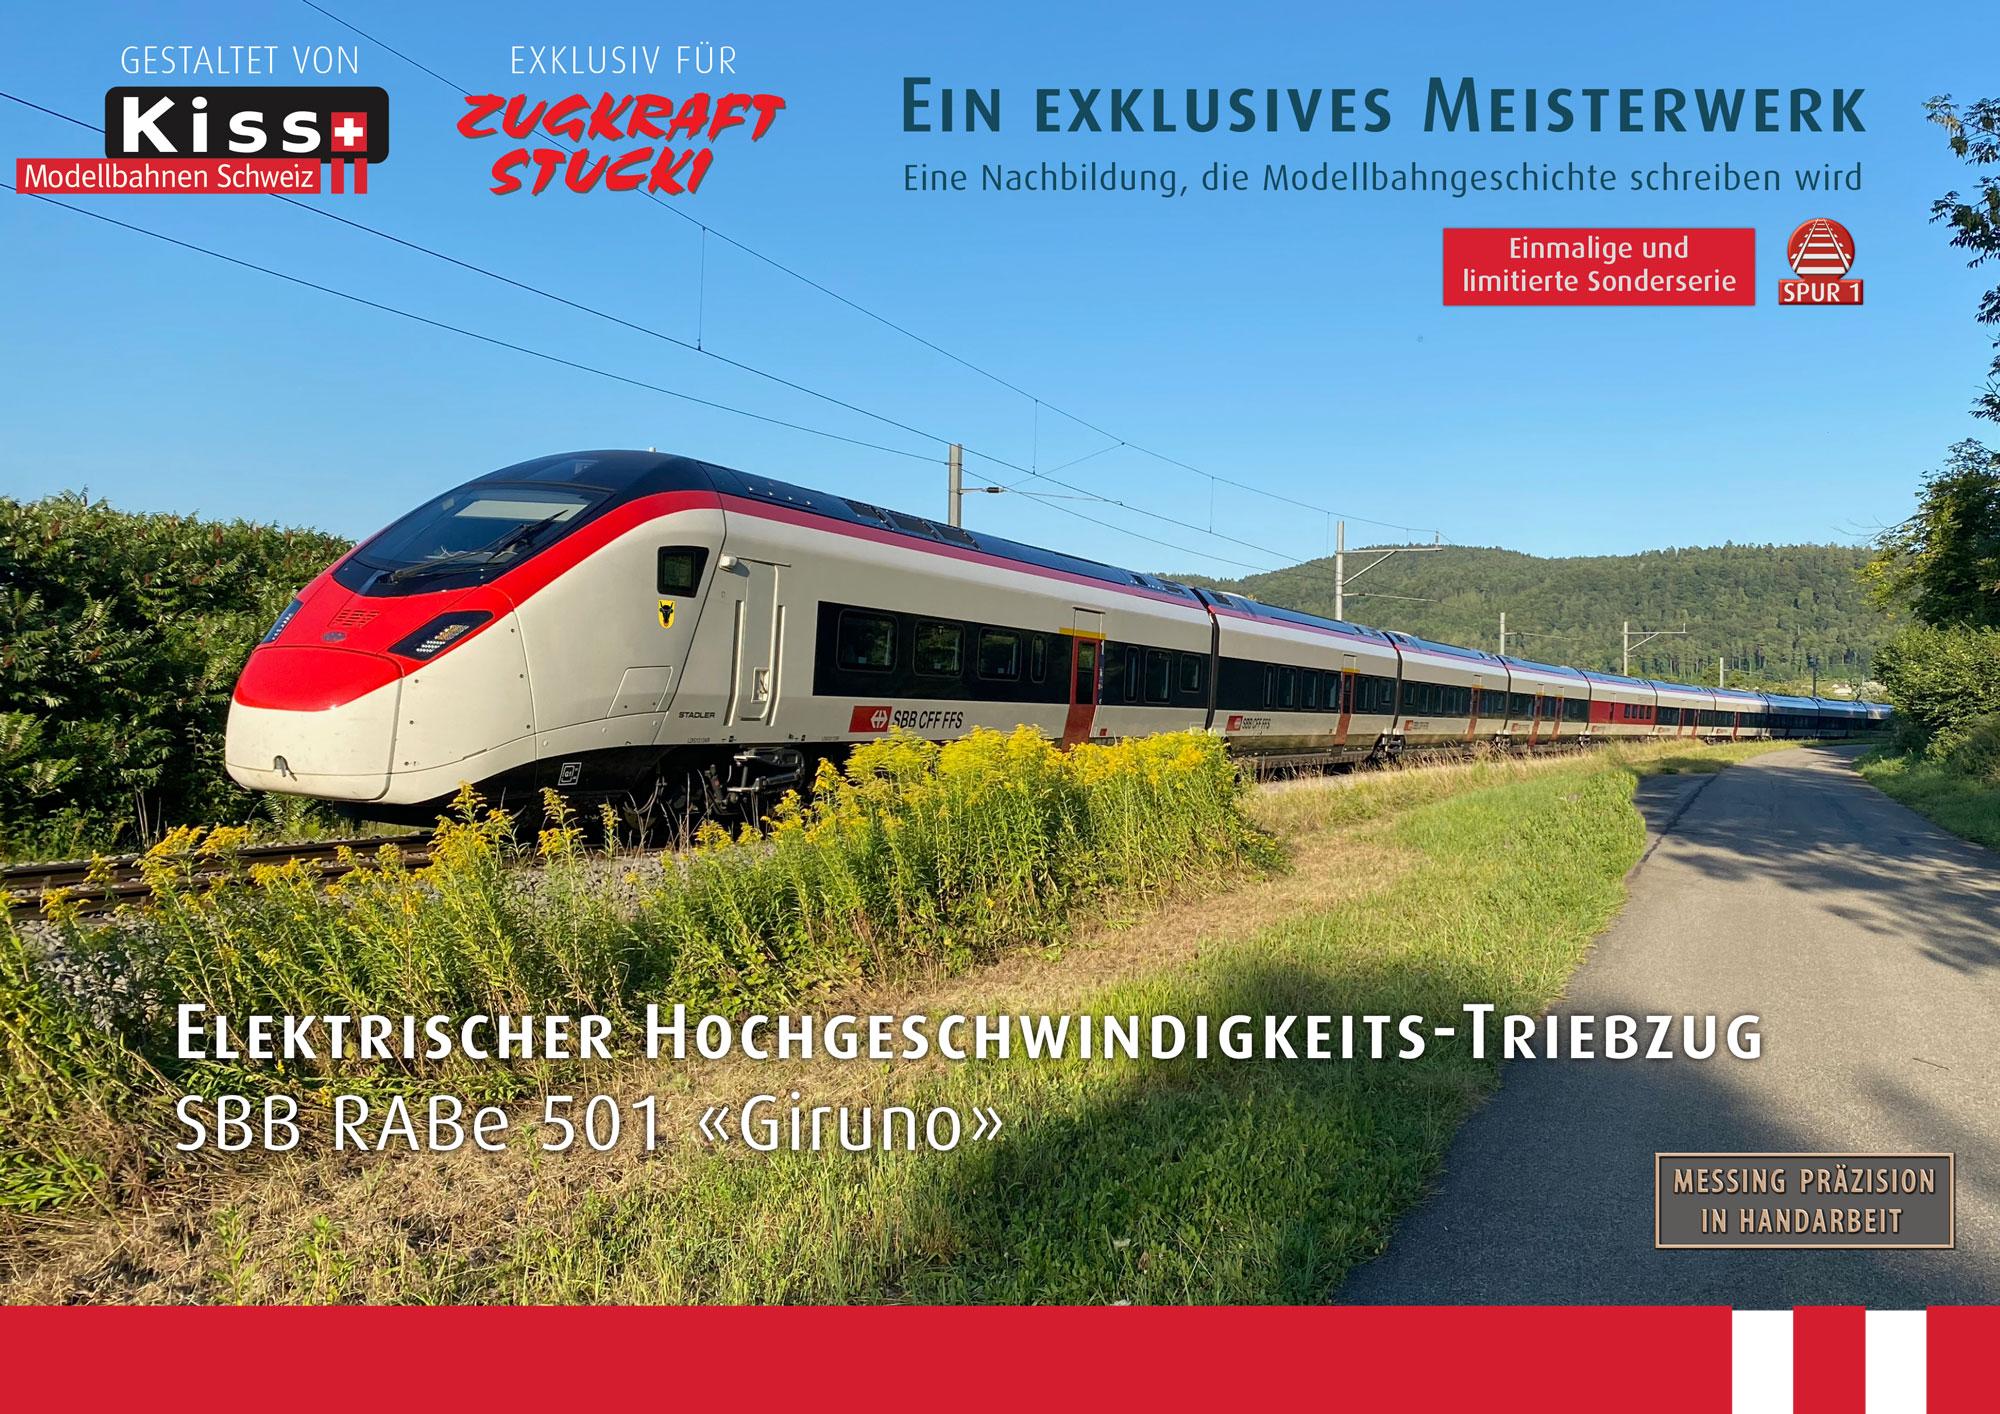 Kiss Modellbahnen Schweiz - SBB CFF FFS - RABe 501